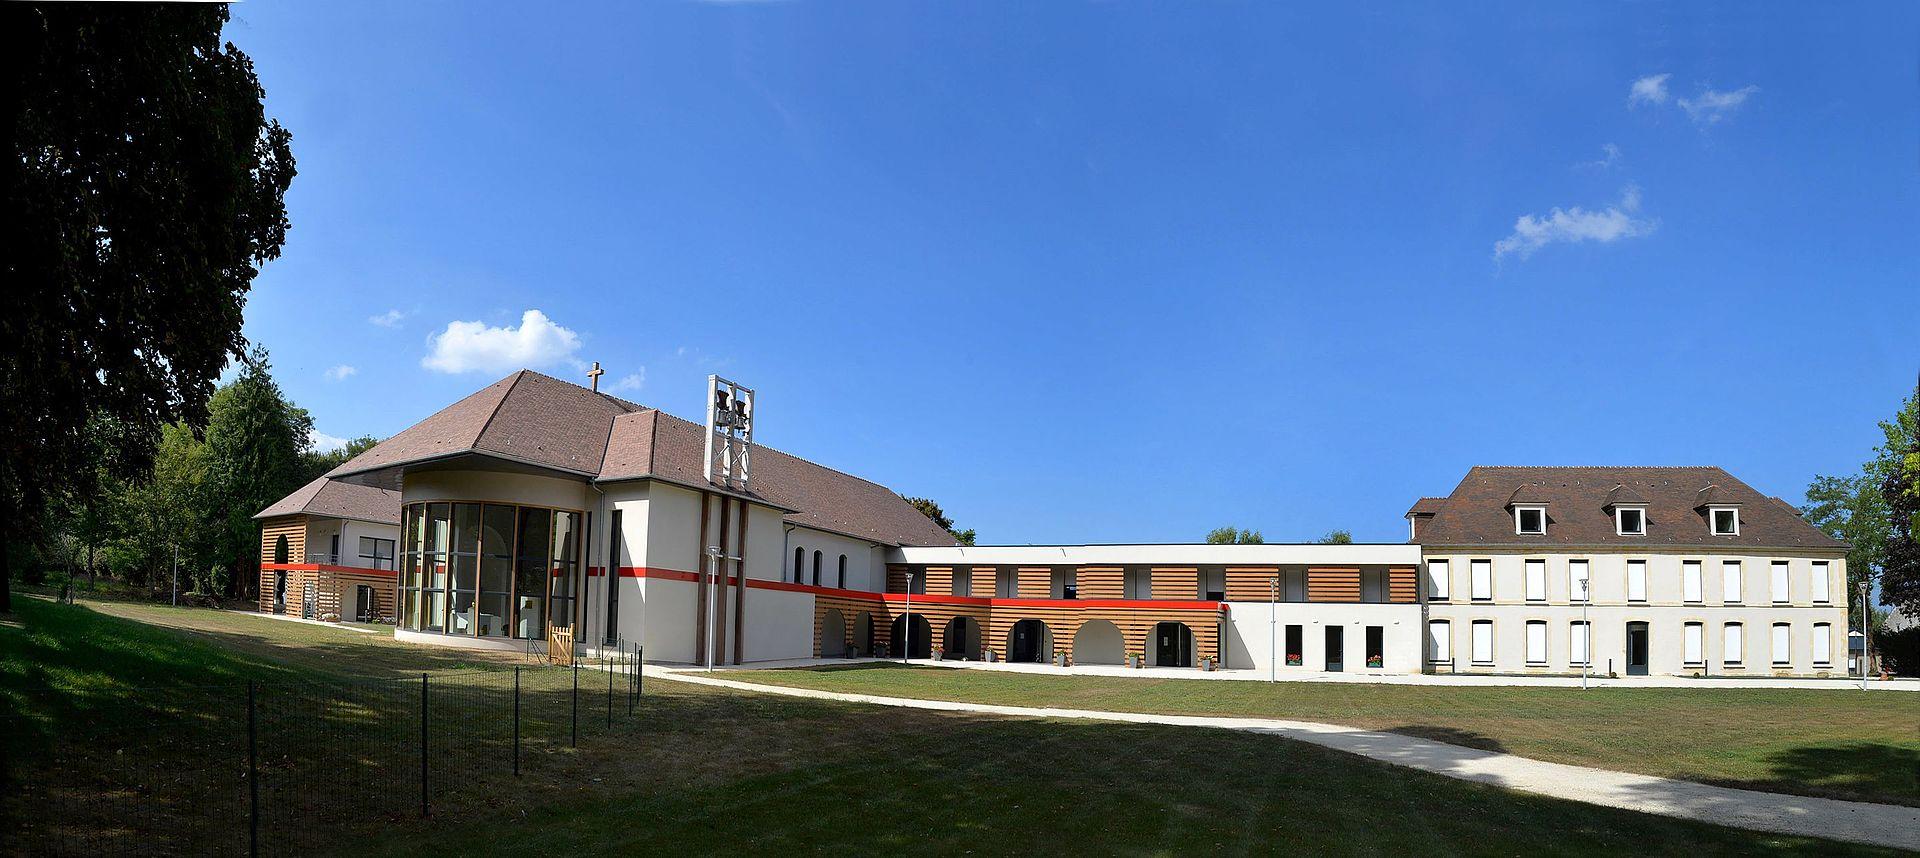 Monastère de l'Annonciade de Grentheville.jpg